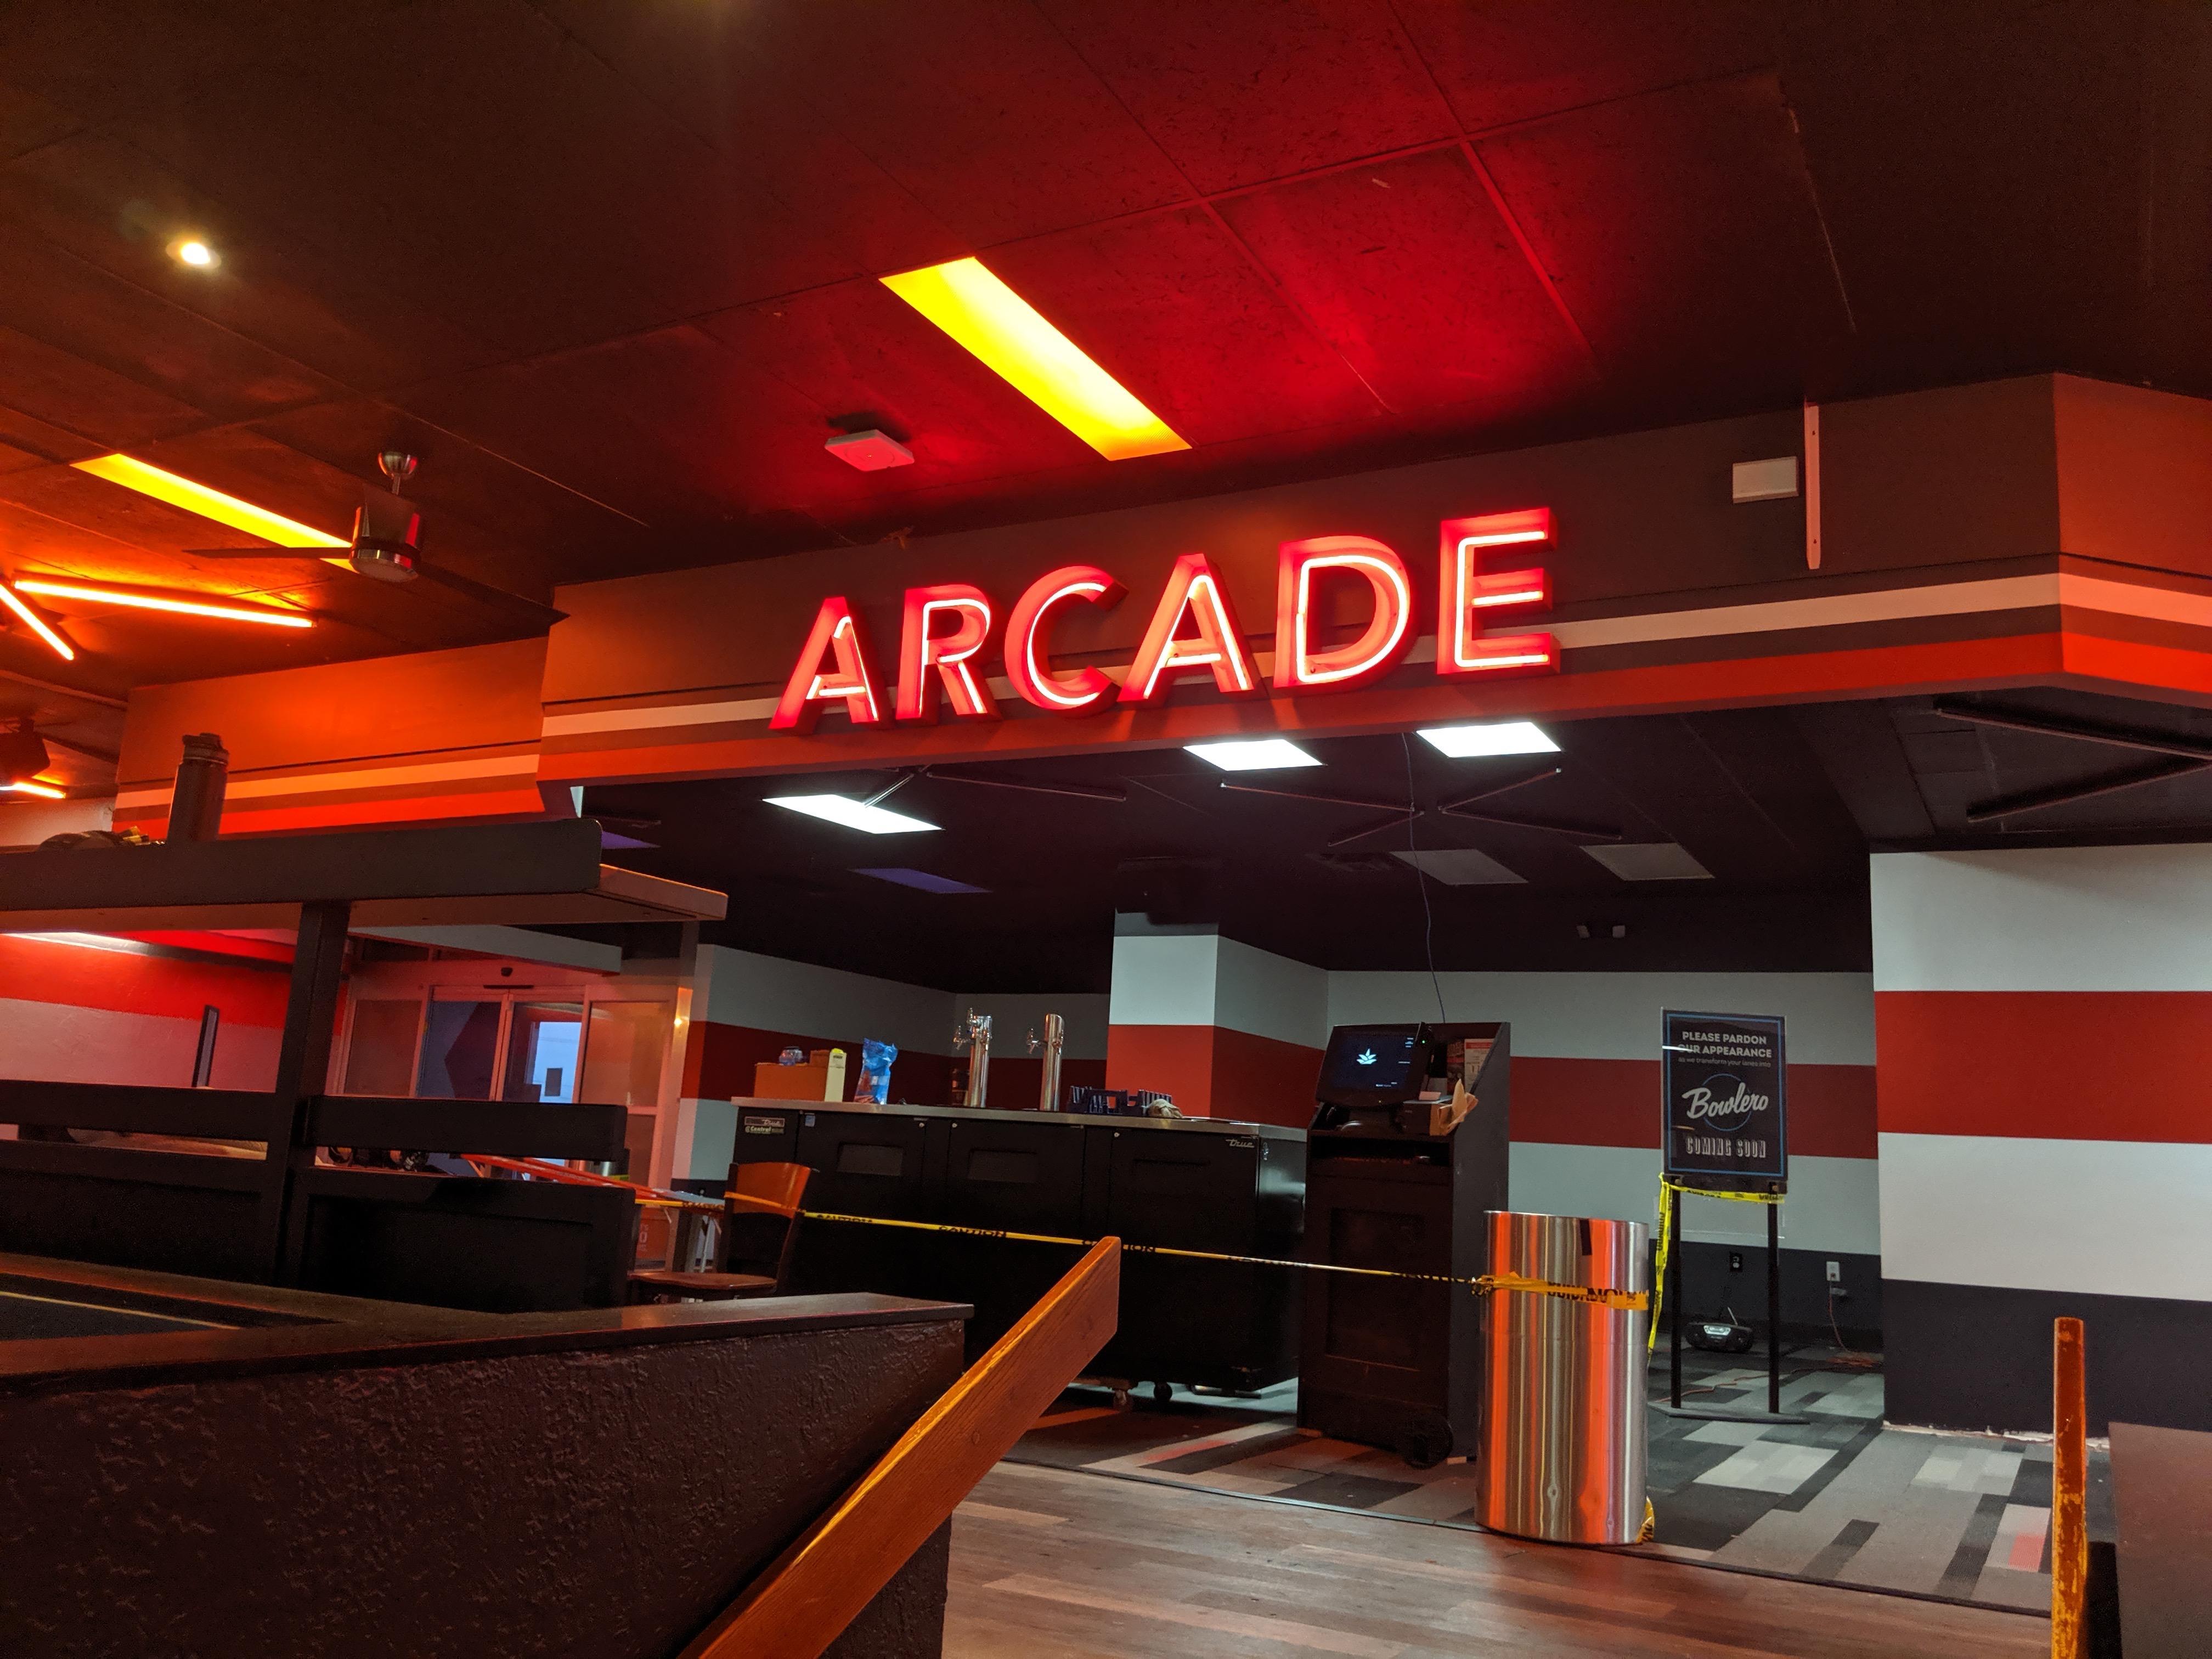 Arcade Signs